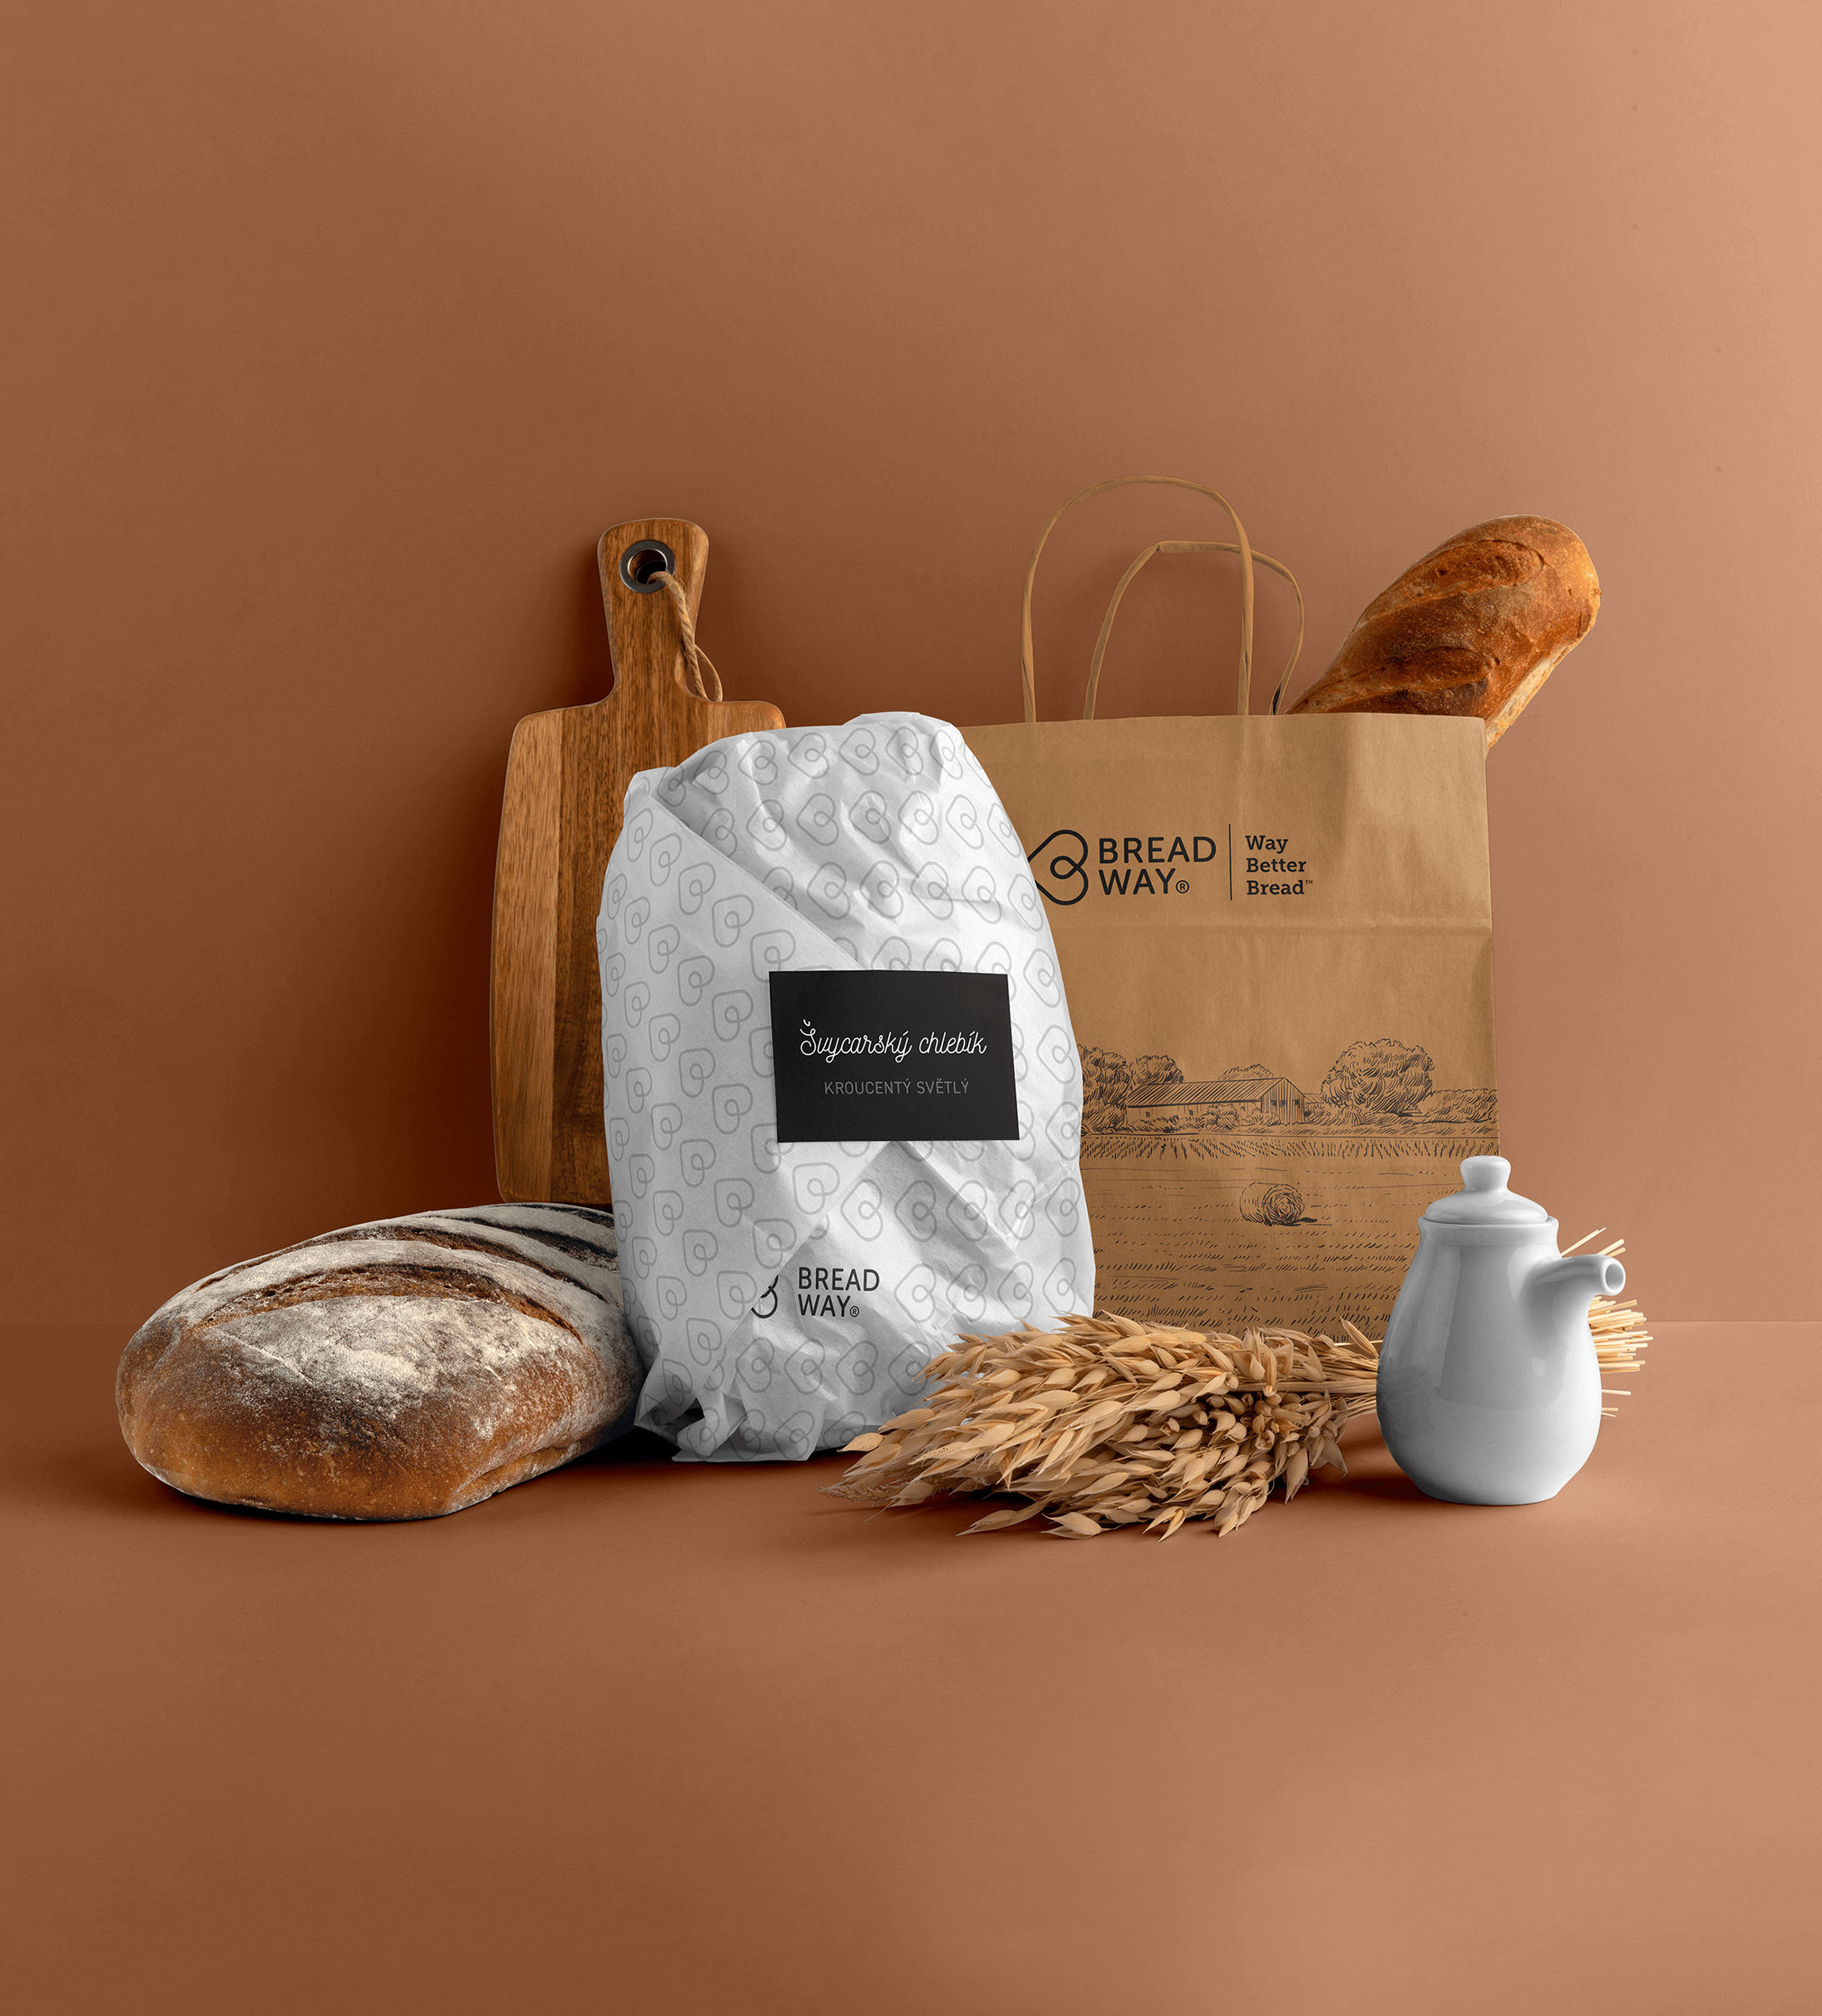 Pohled na tašky s pečivem, které jsou velmi pěkně potisknuté.